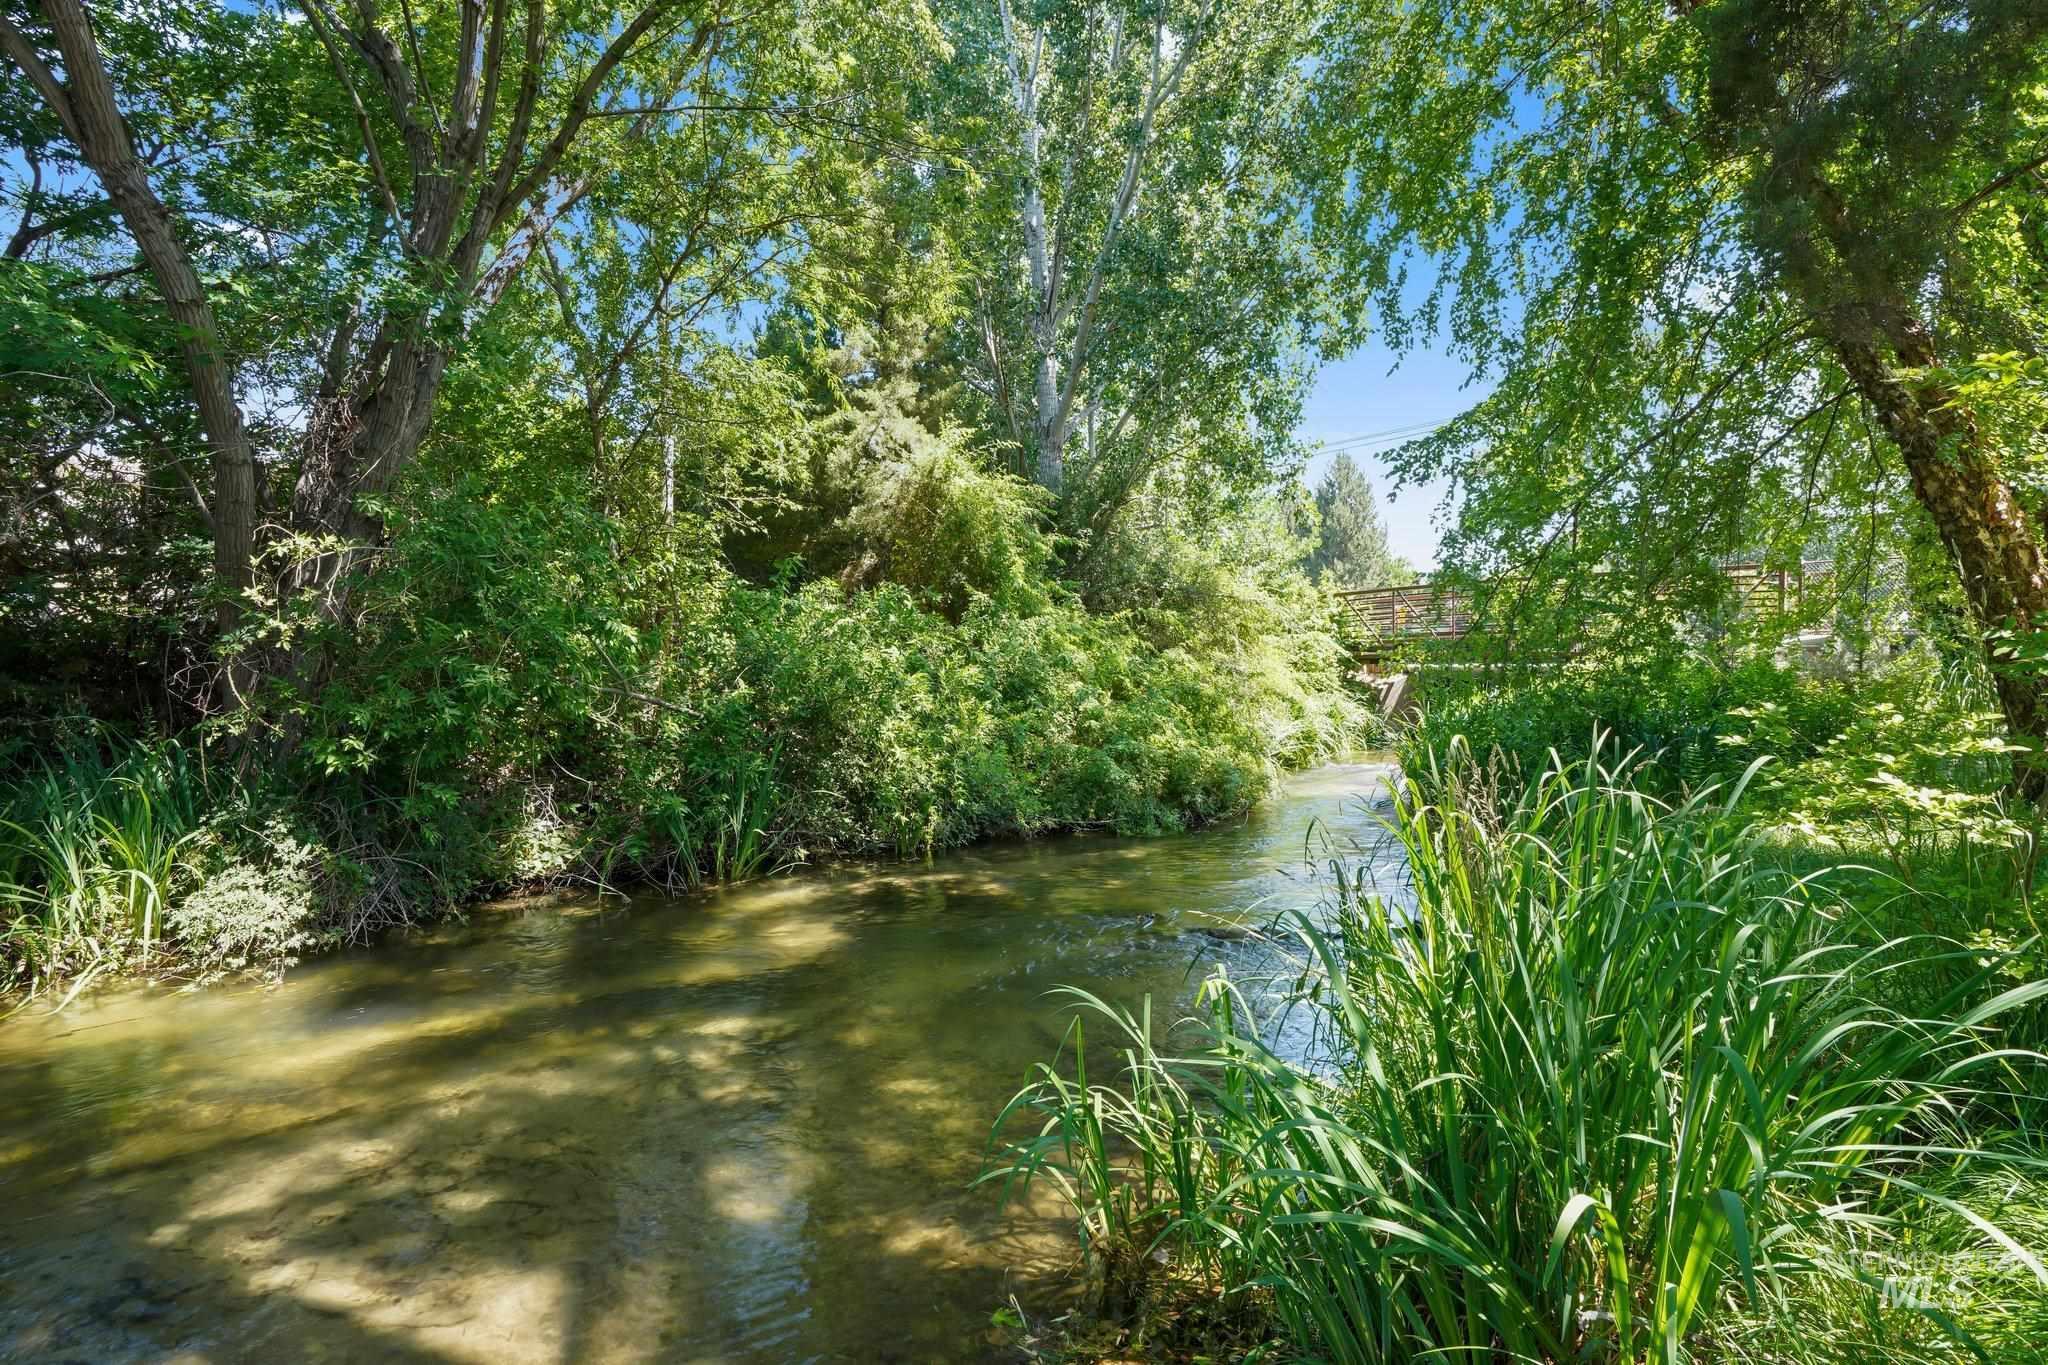 Loggers Creek Real Estate Listings Main Image